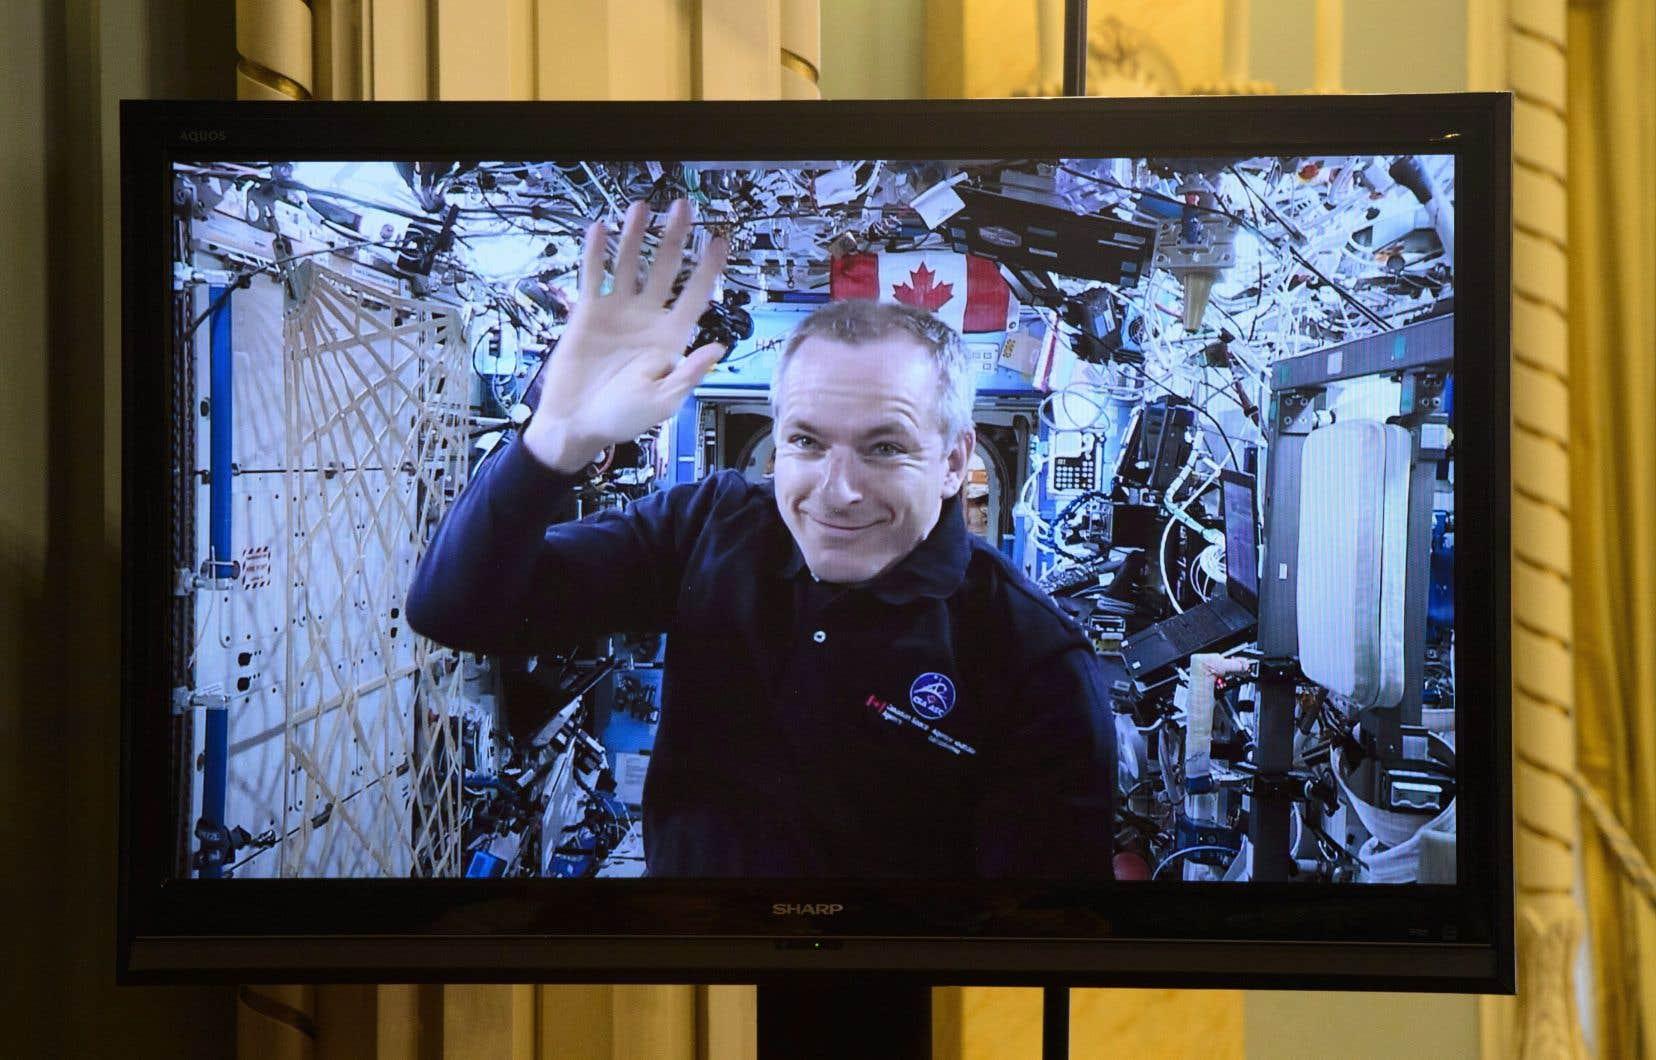 David Saint-Jacquesest arrivé à la station spatiale le 3décembre pour une mission qui devrait durer jusqu'en juin.